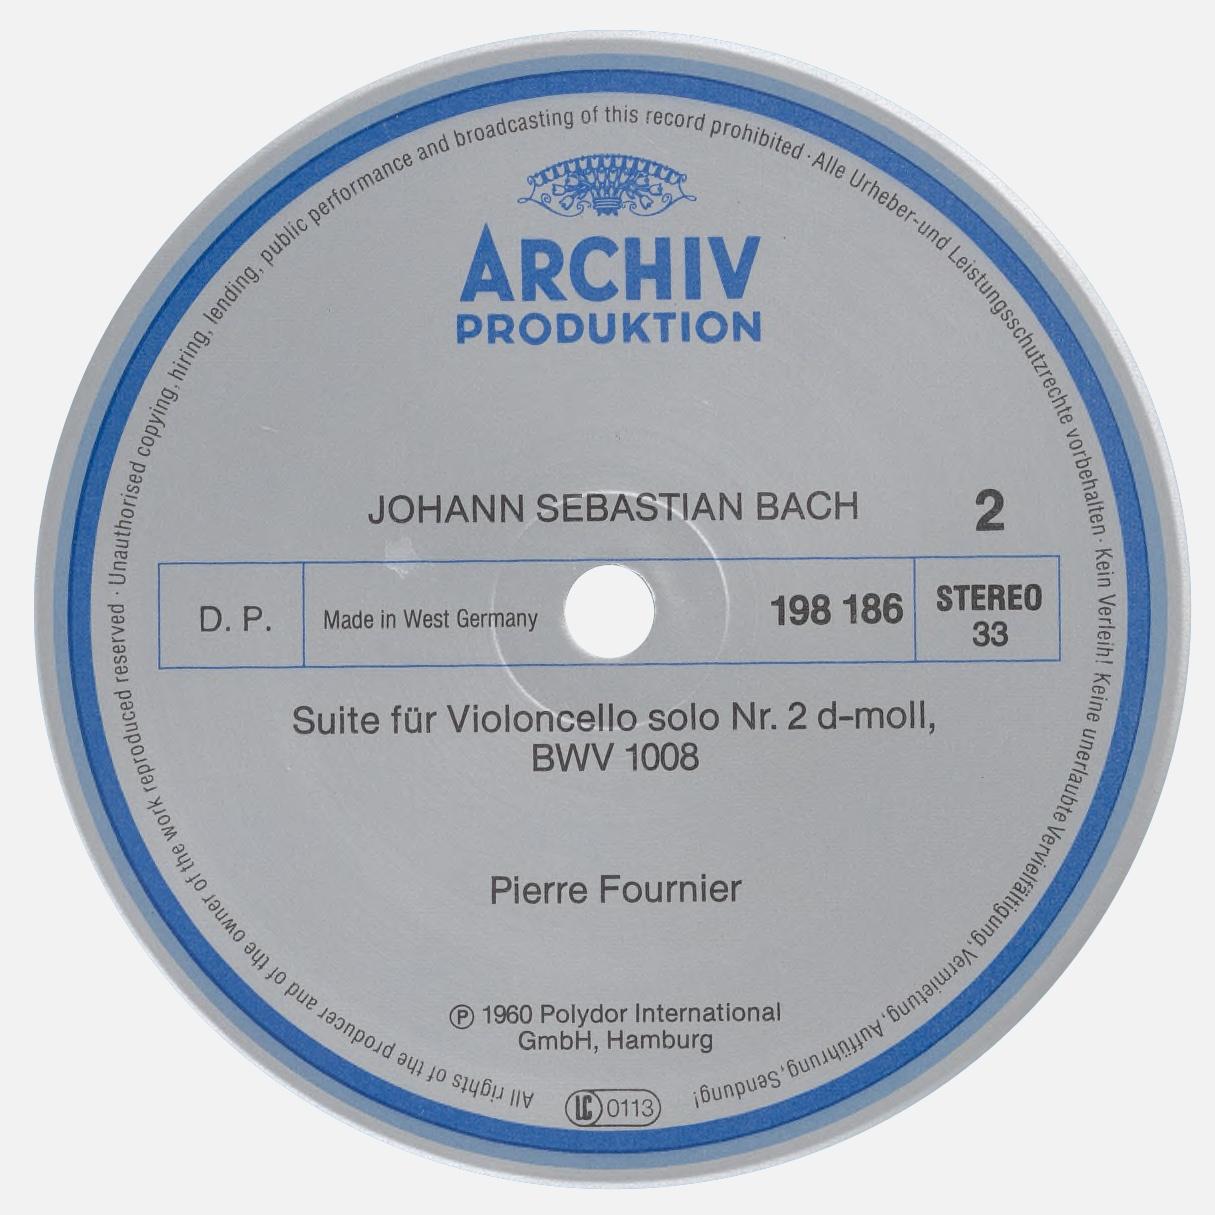 Étiquette verso du disque Archiv Produktion 198 186